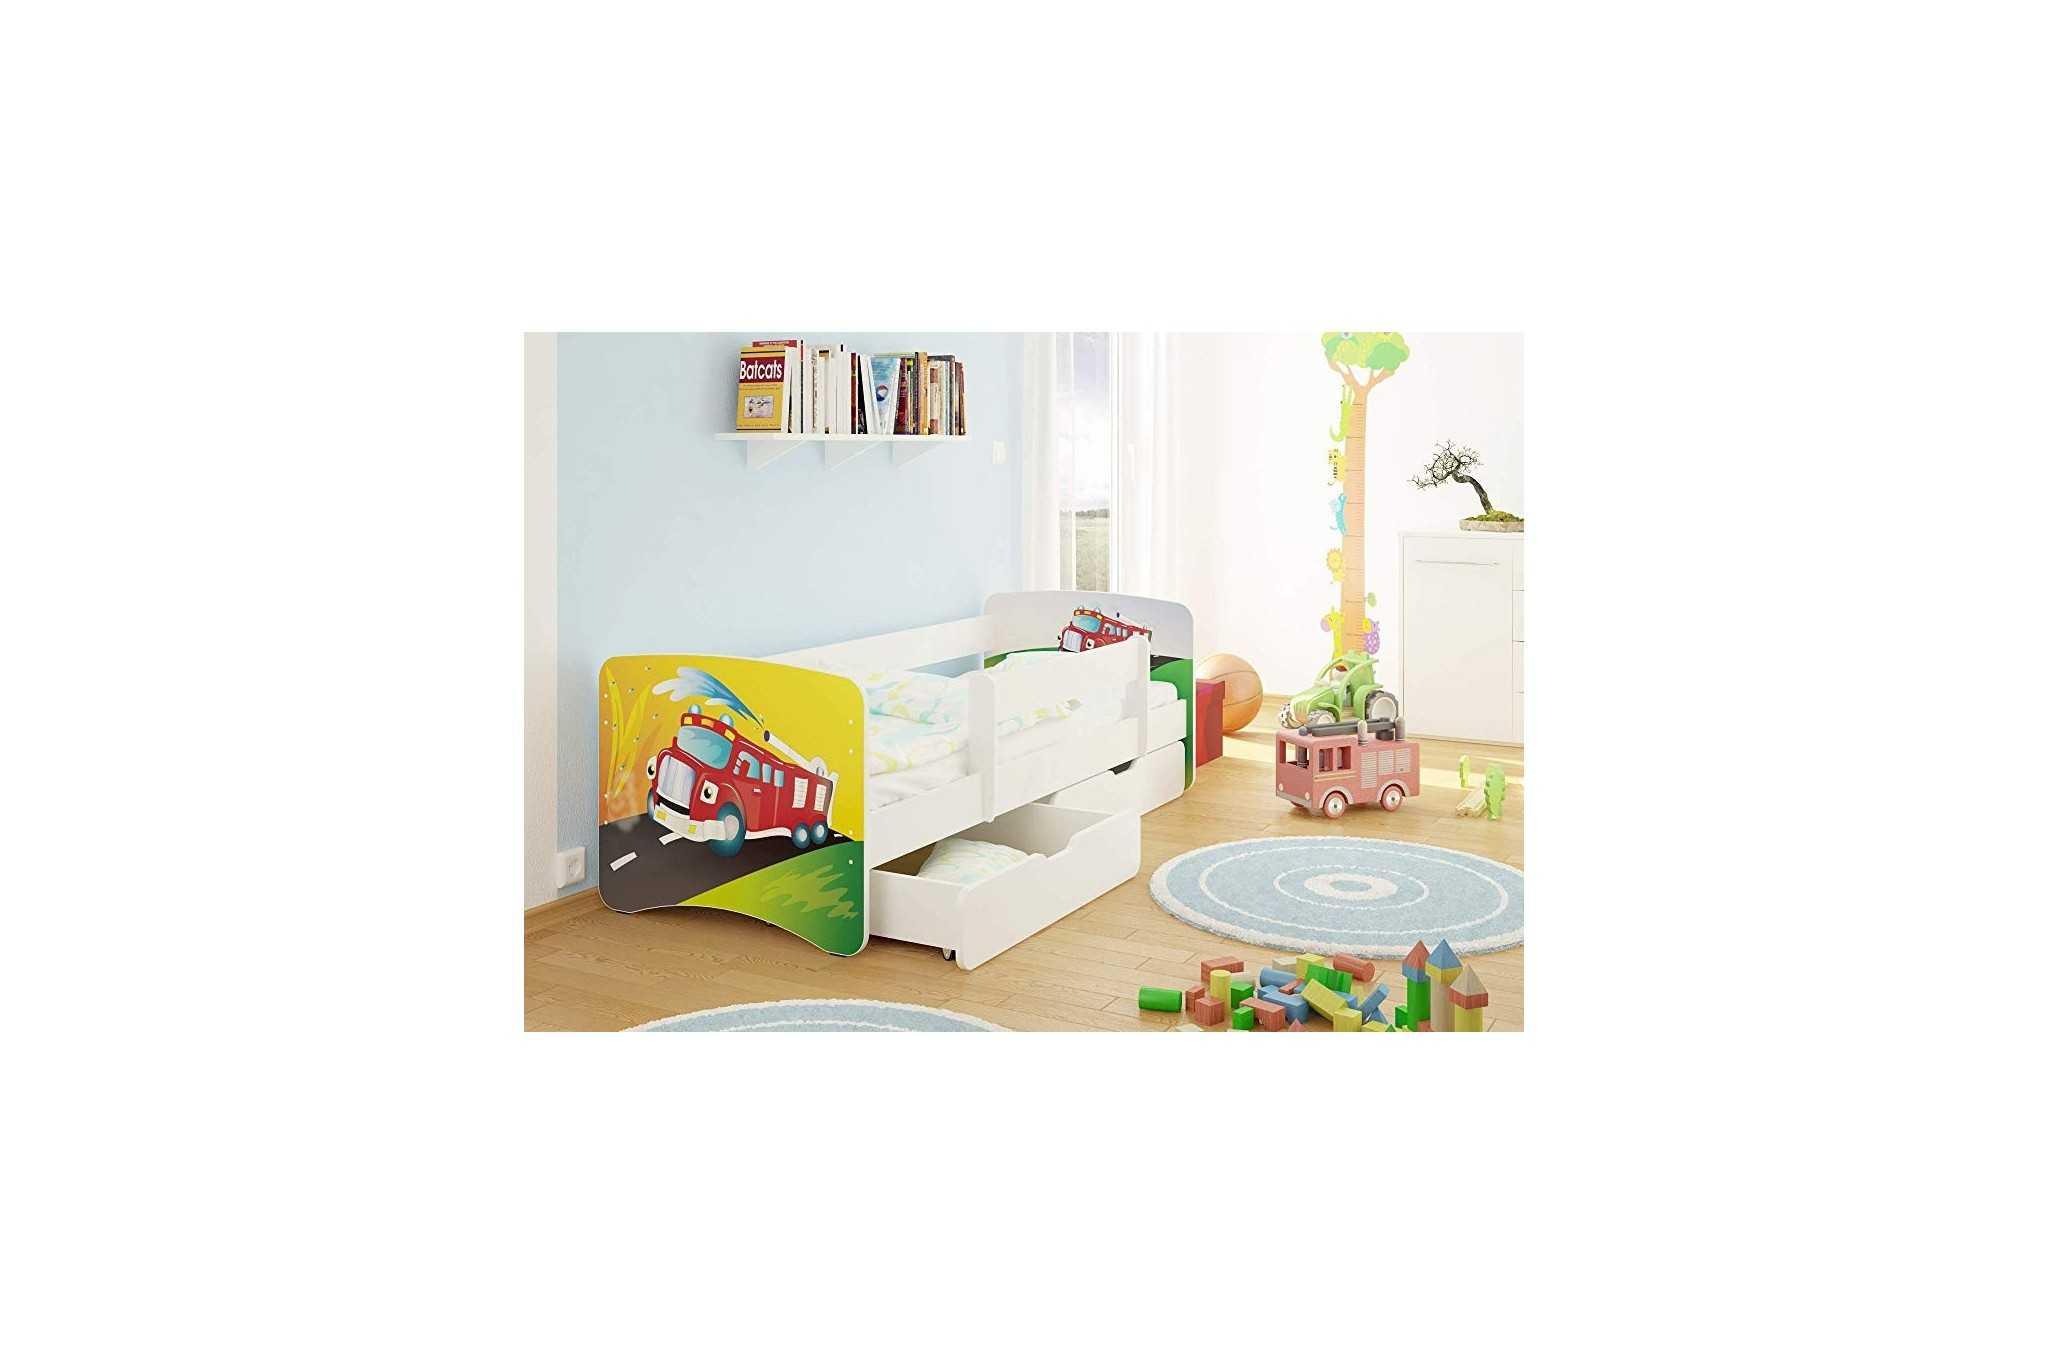 Best For Kids Kinderbett Mit Rausfallschutz 2 Schubladen Lattenrost 10 Cm Matratze Tüv Zertifiziert Kinderbett Für Mädchen Und Jungen In 4 Größen